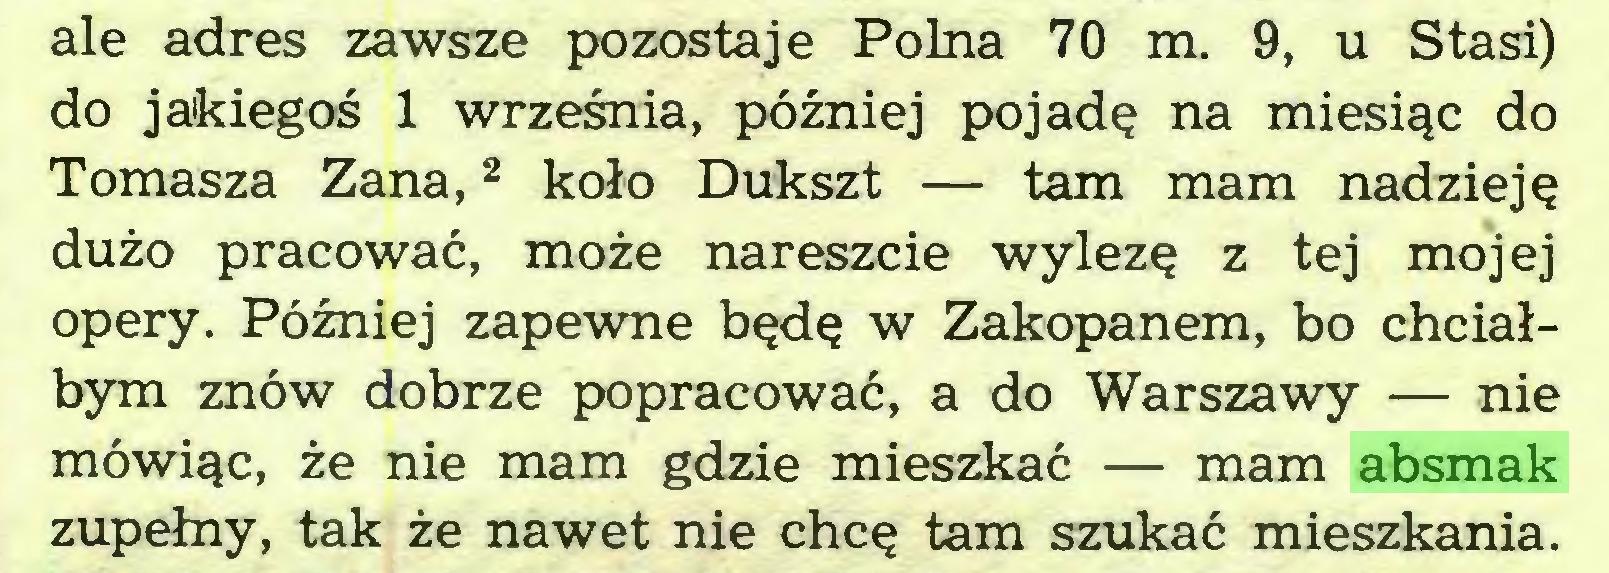 (...) ale adres zawsze pozostaje Polna 70 m. 9, u Stasi) do jakiegoś 1 września, później pojadę na miesiąc do Tomasza Zana,2 koło Dukszt — tam mam nadzieję dużo pracować, może nareszcie wylezę z tej mojej opery. Później zapewne będę w Zakopanem, bo chciałbym znów dobrze popracować, a do Warszawy — nie mówiąc, że nie mam gdzie mieszkać — mam absmak zupełny, tak że nawet nie chcę tam szukać mieszkania...